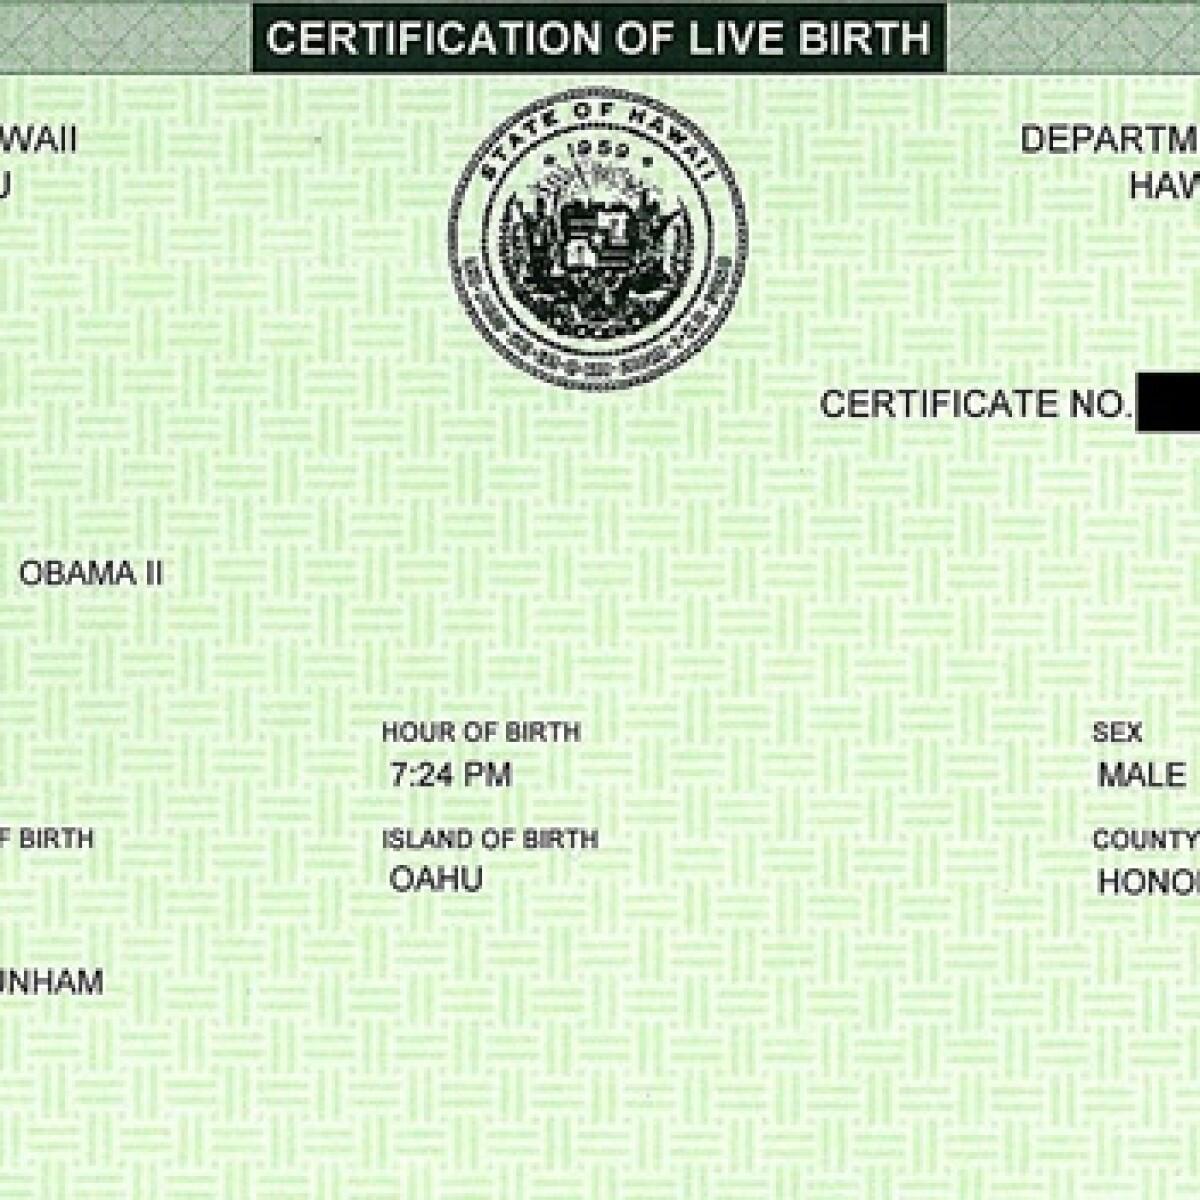 El presidente Obama nació en EU, revela una investigación de CNN